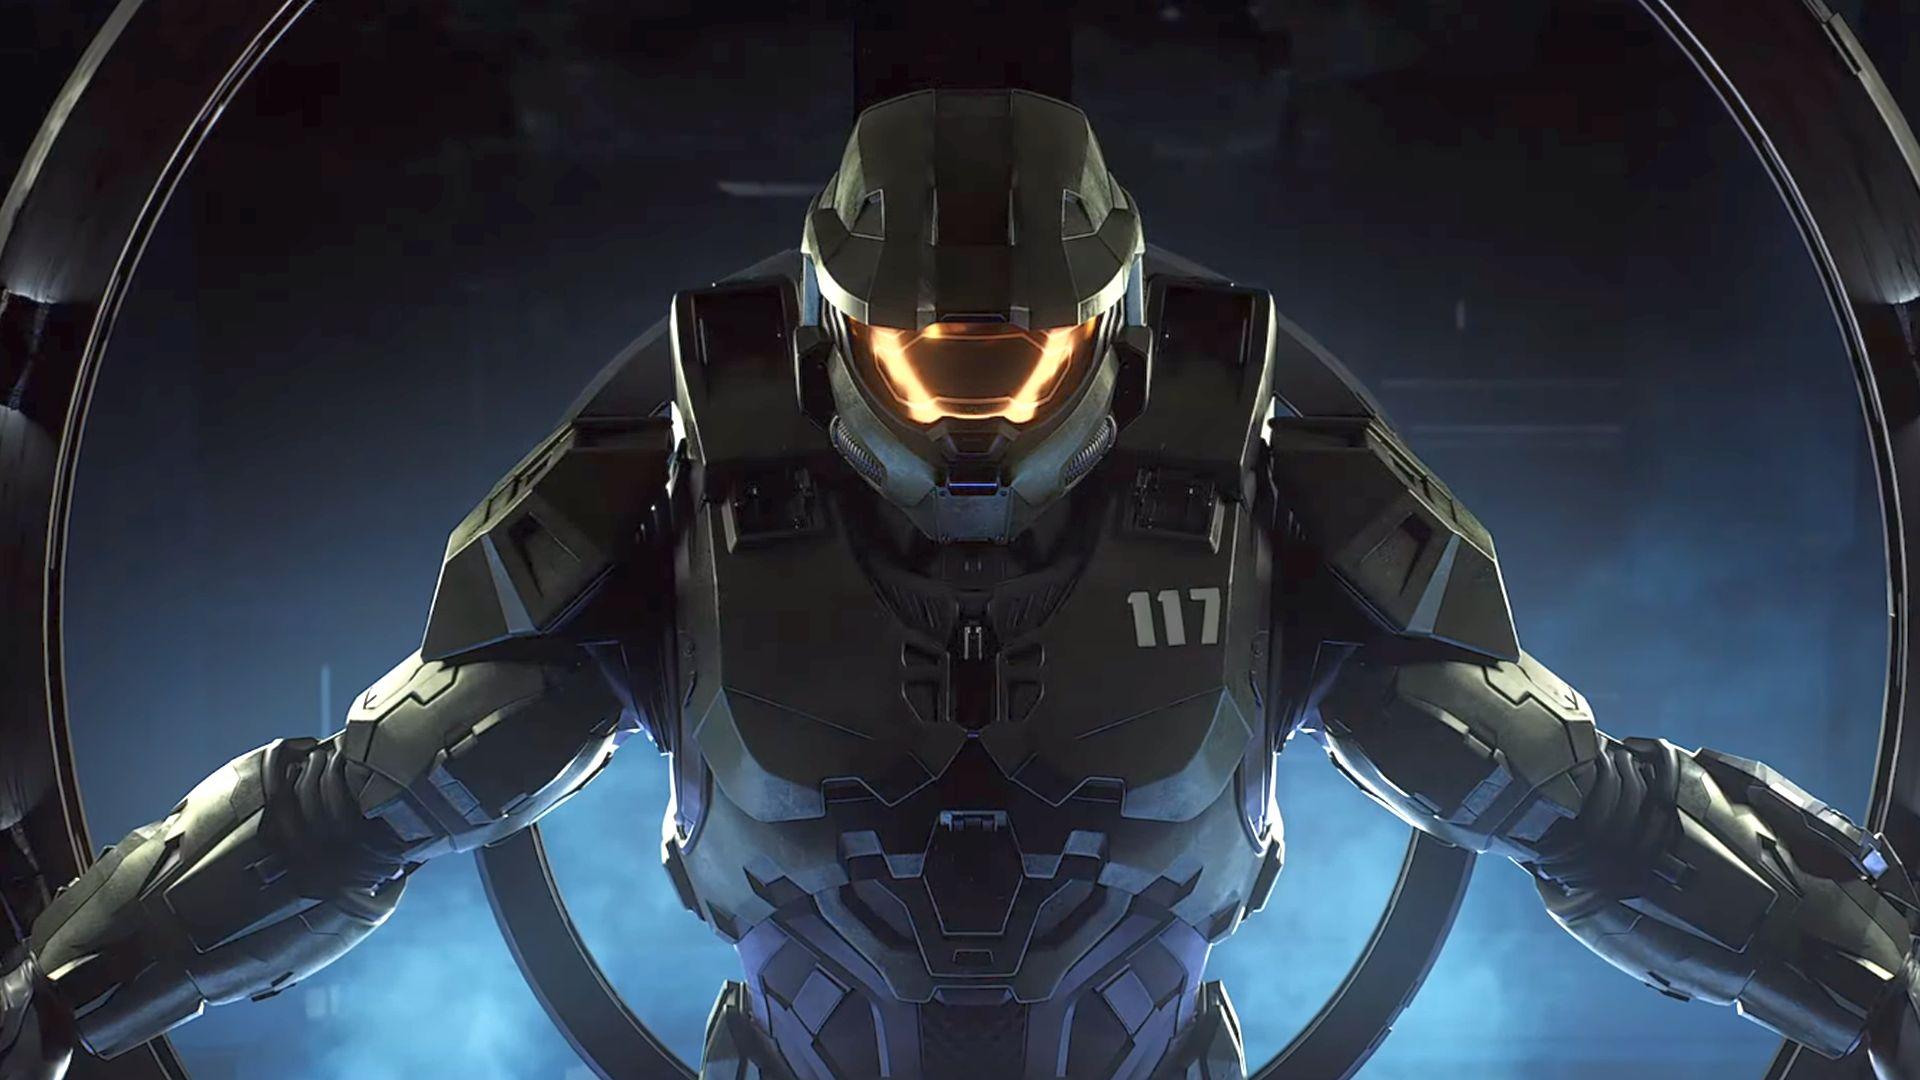 По словам инсайдера, разработка контента Halo Infinite близка к завершению